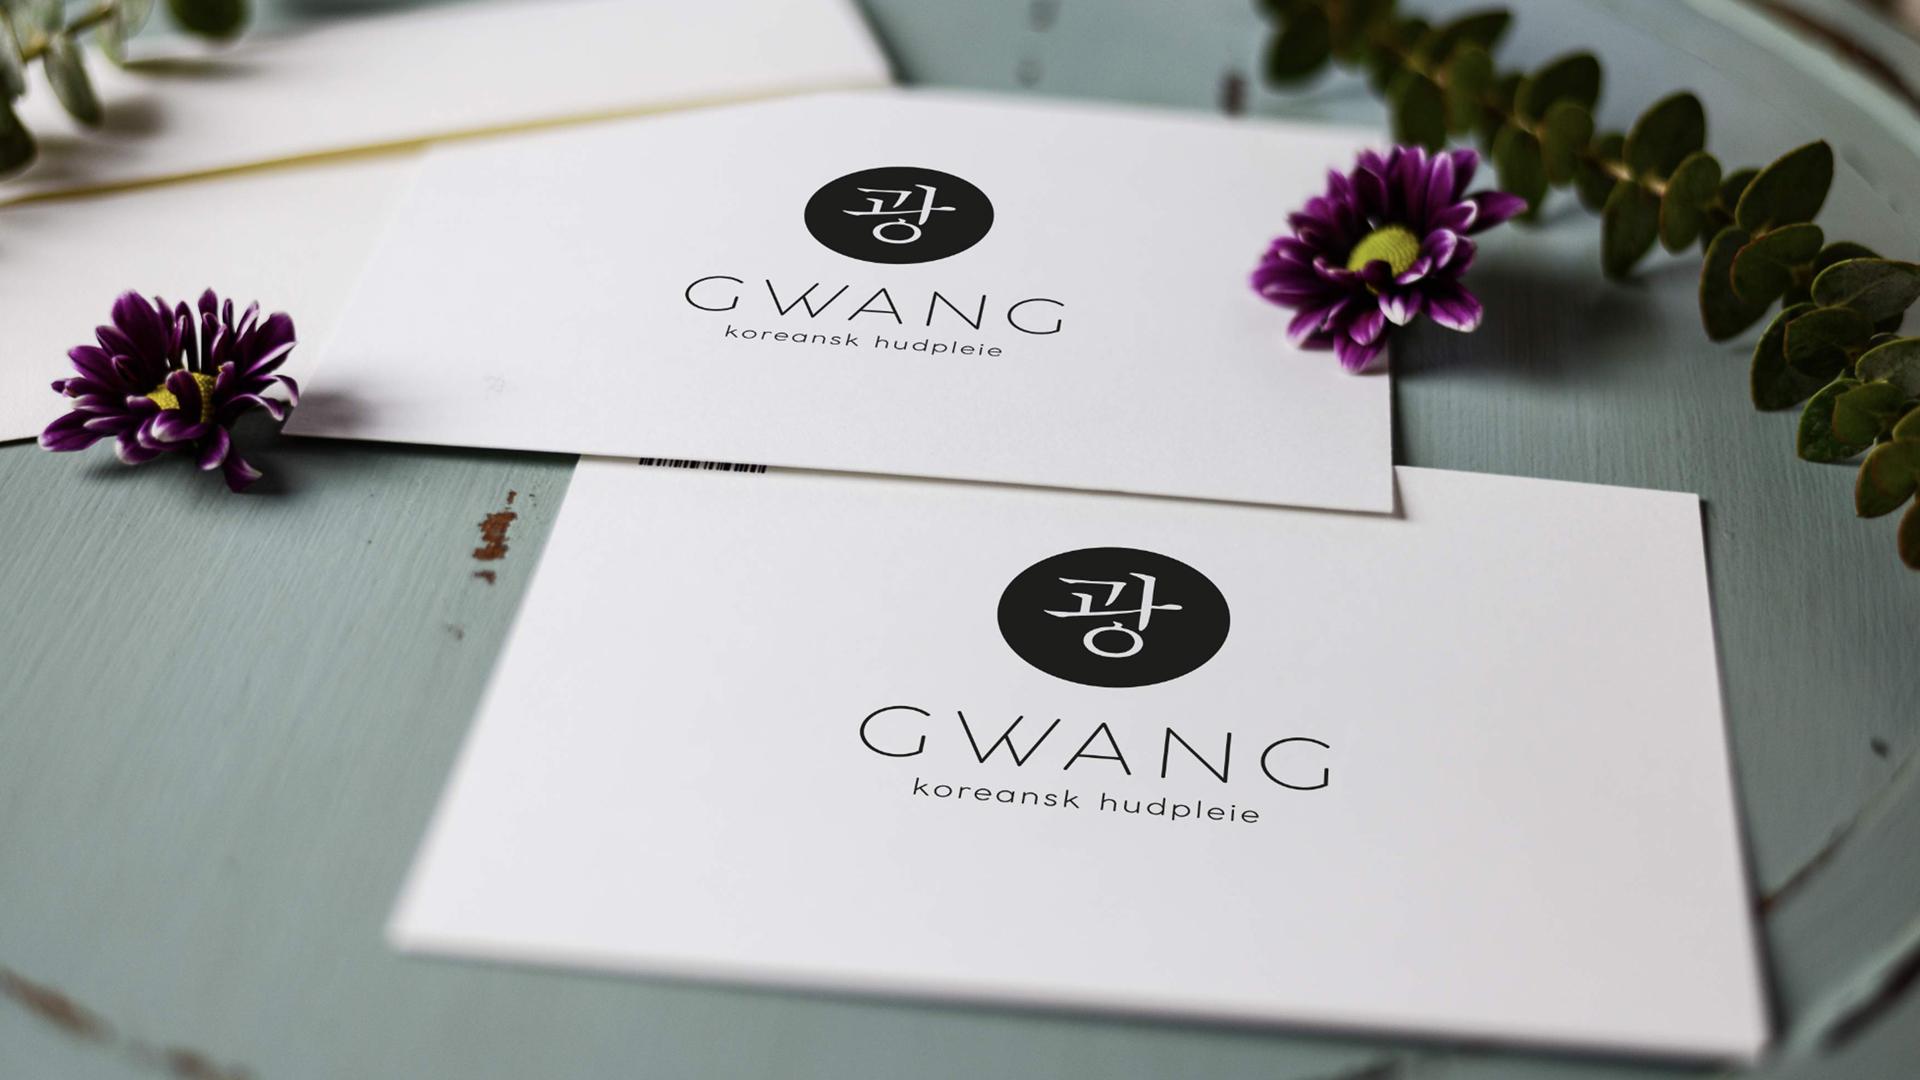 Gwang